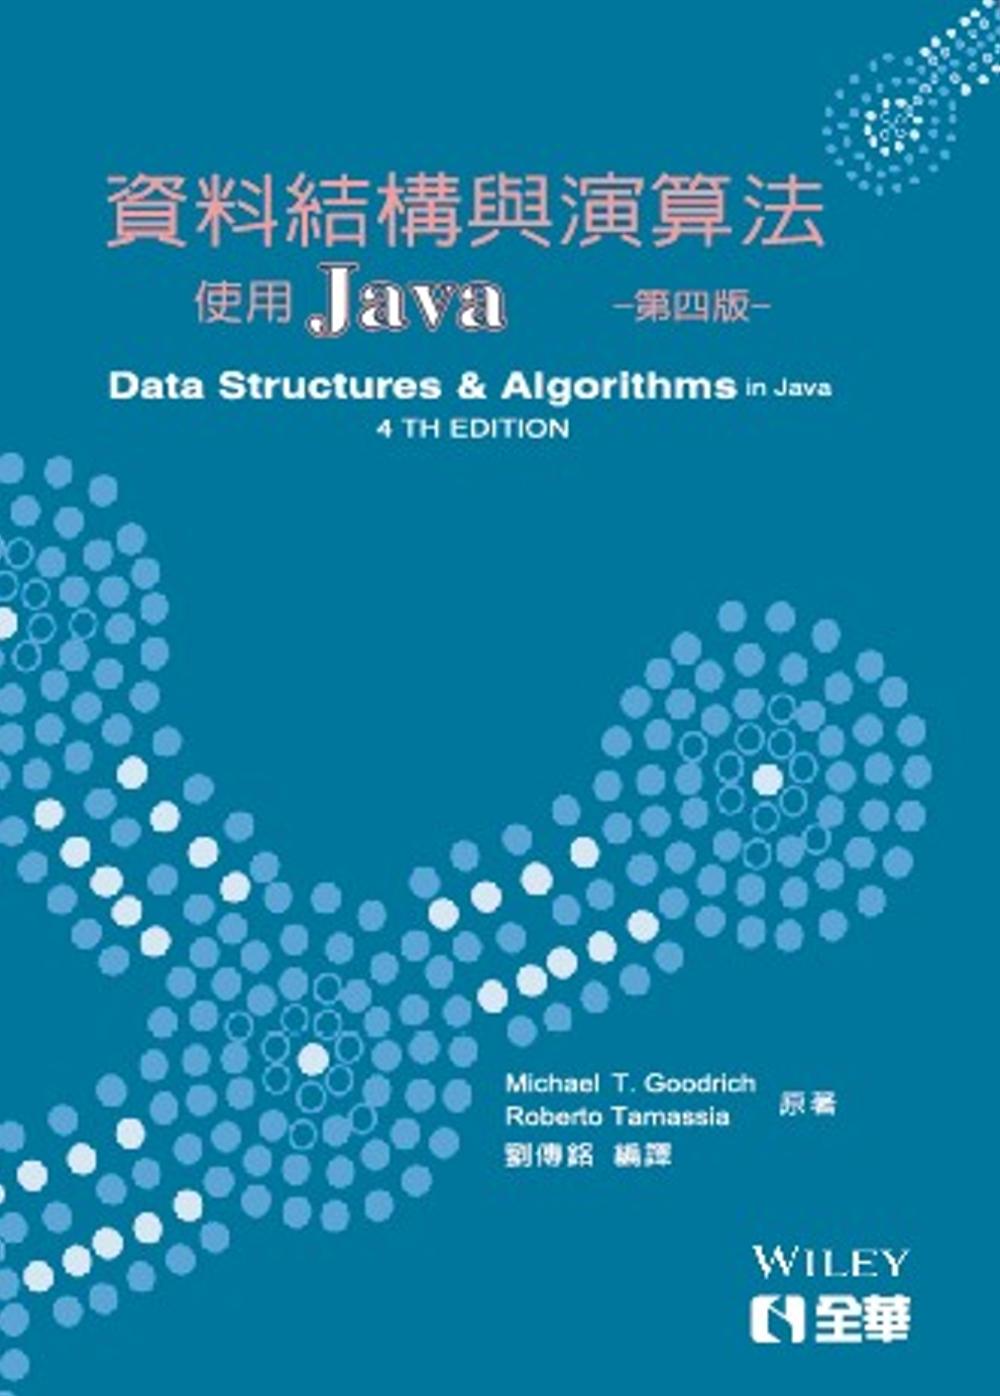 資料結構與演算法:使用JAVA(第四版)